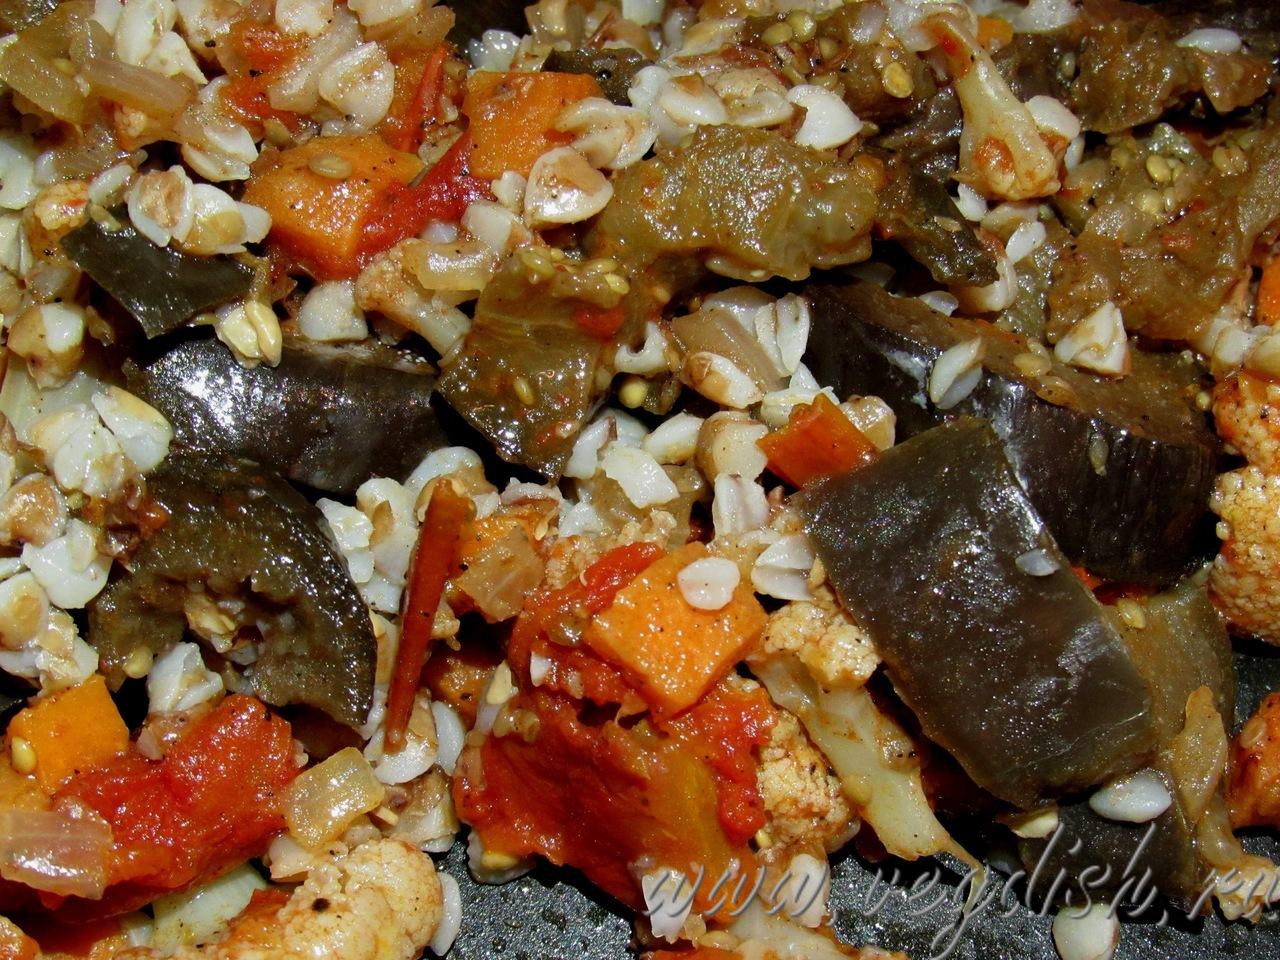 Тушеные баклажаны с цветной капустой